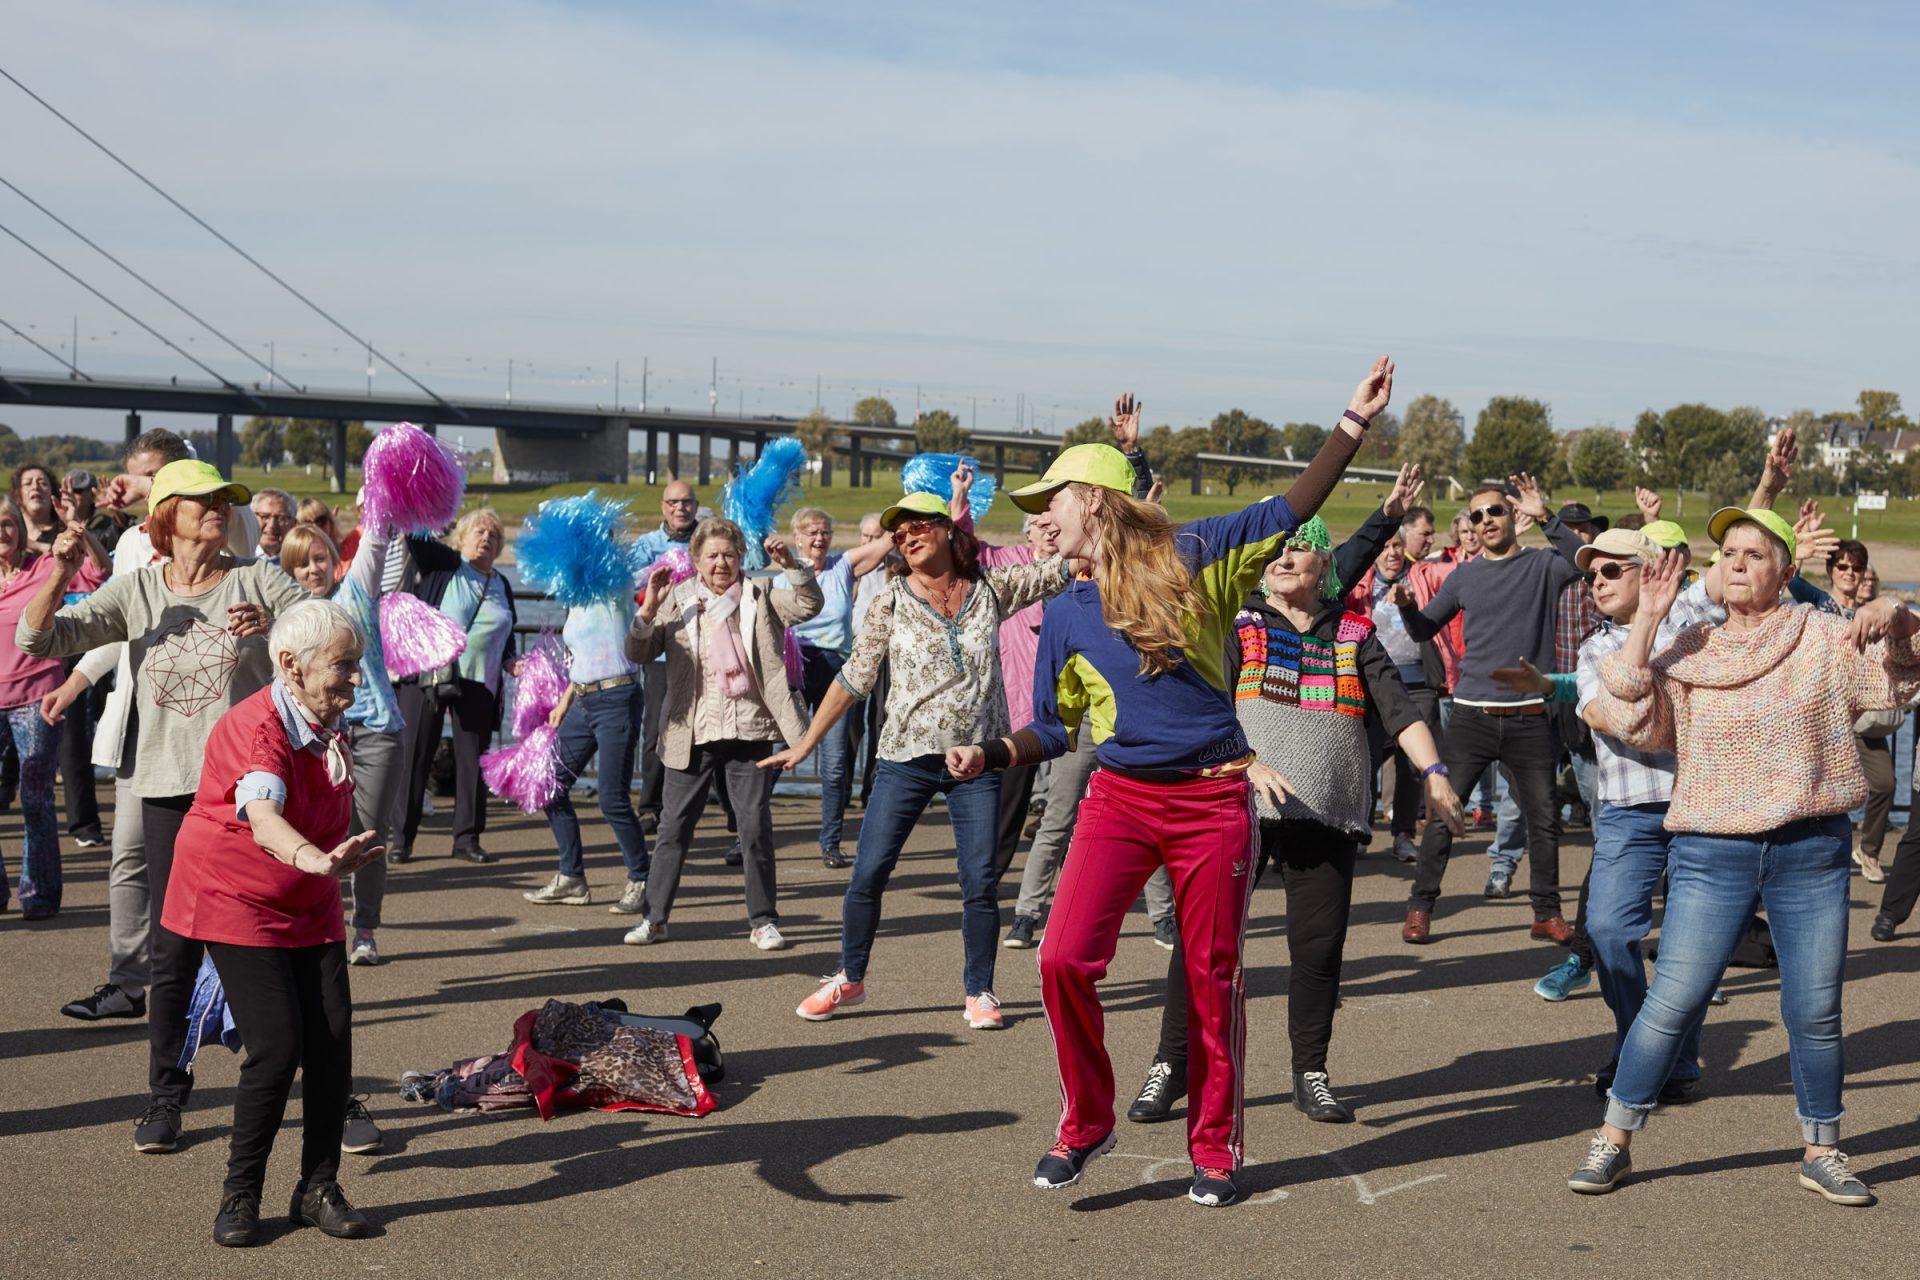 Das Leben feiern und dem Abenteuer Alter ein Gesicht geben - der Seniorenflashmob. Bildquelle: © Bine Bellmann